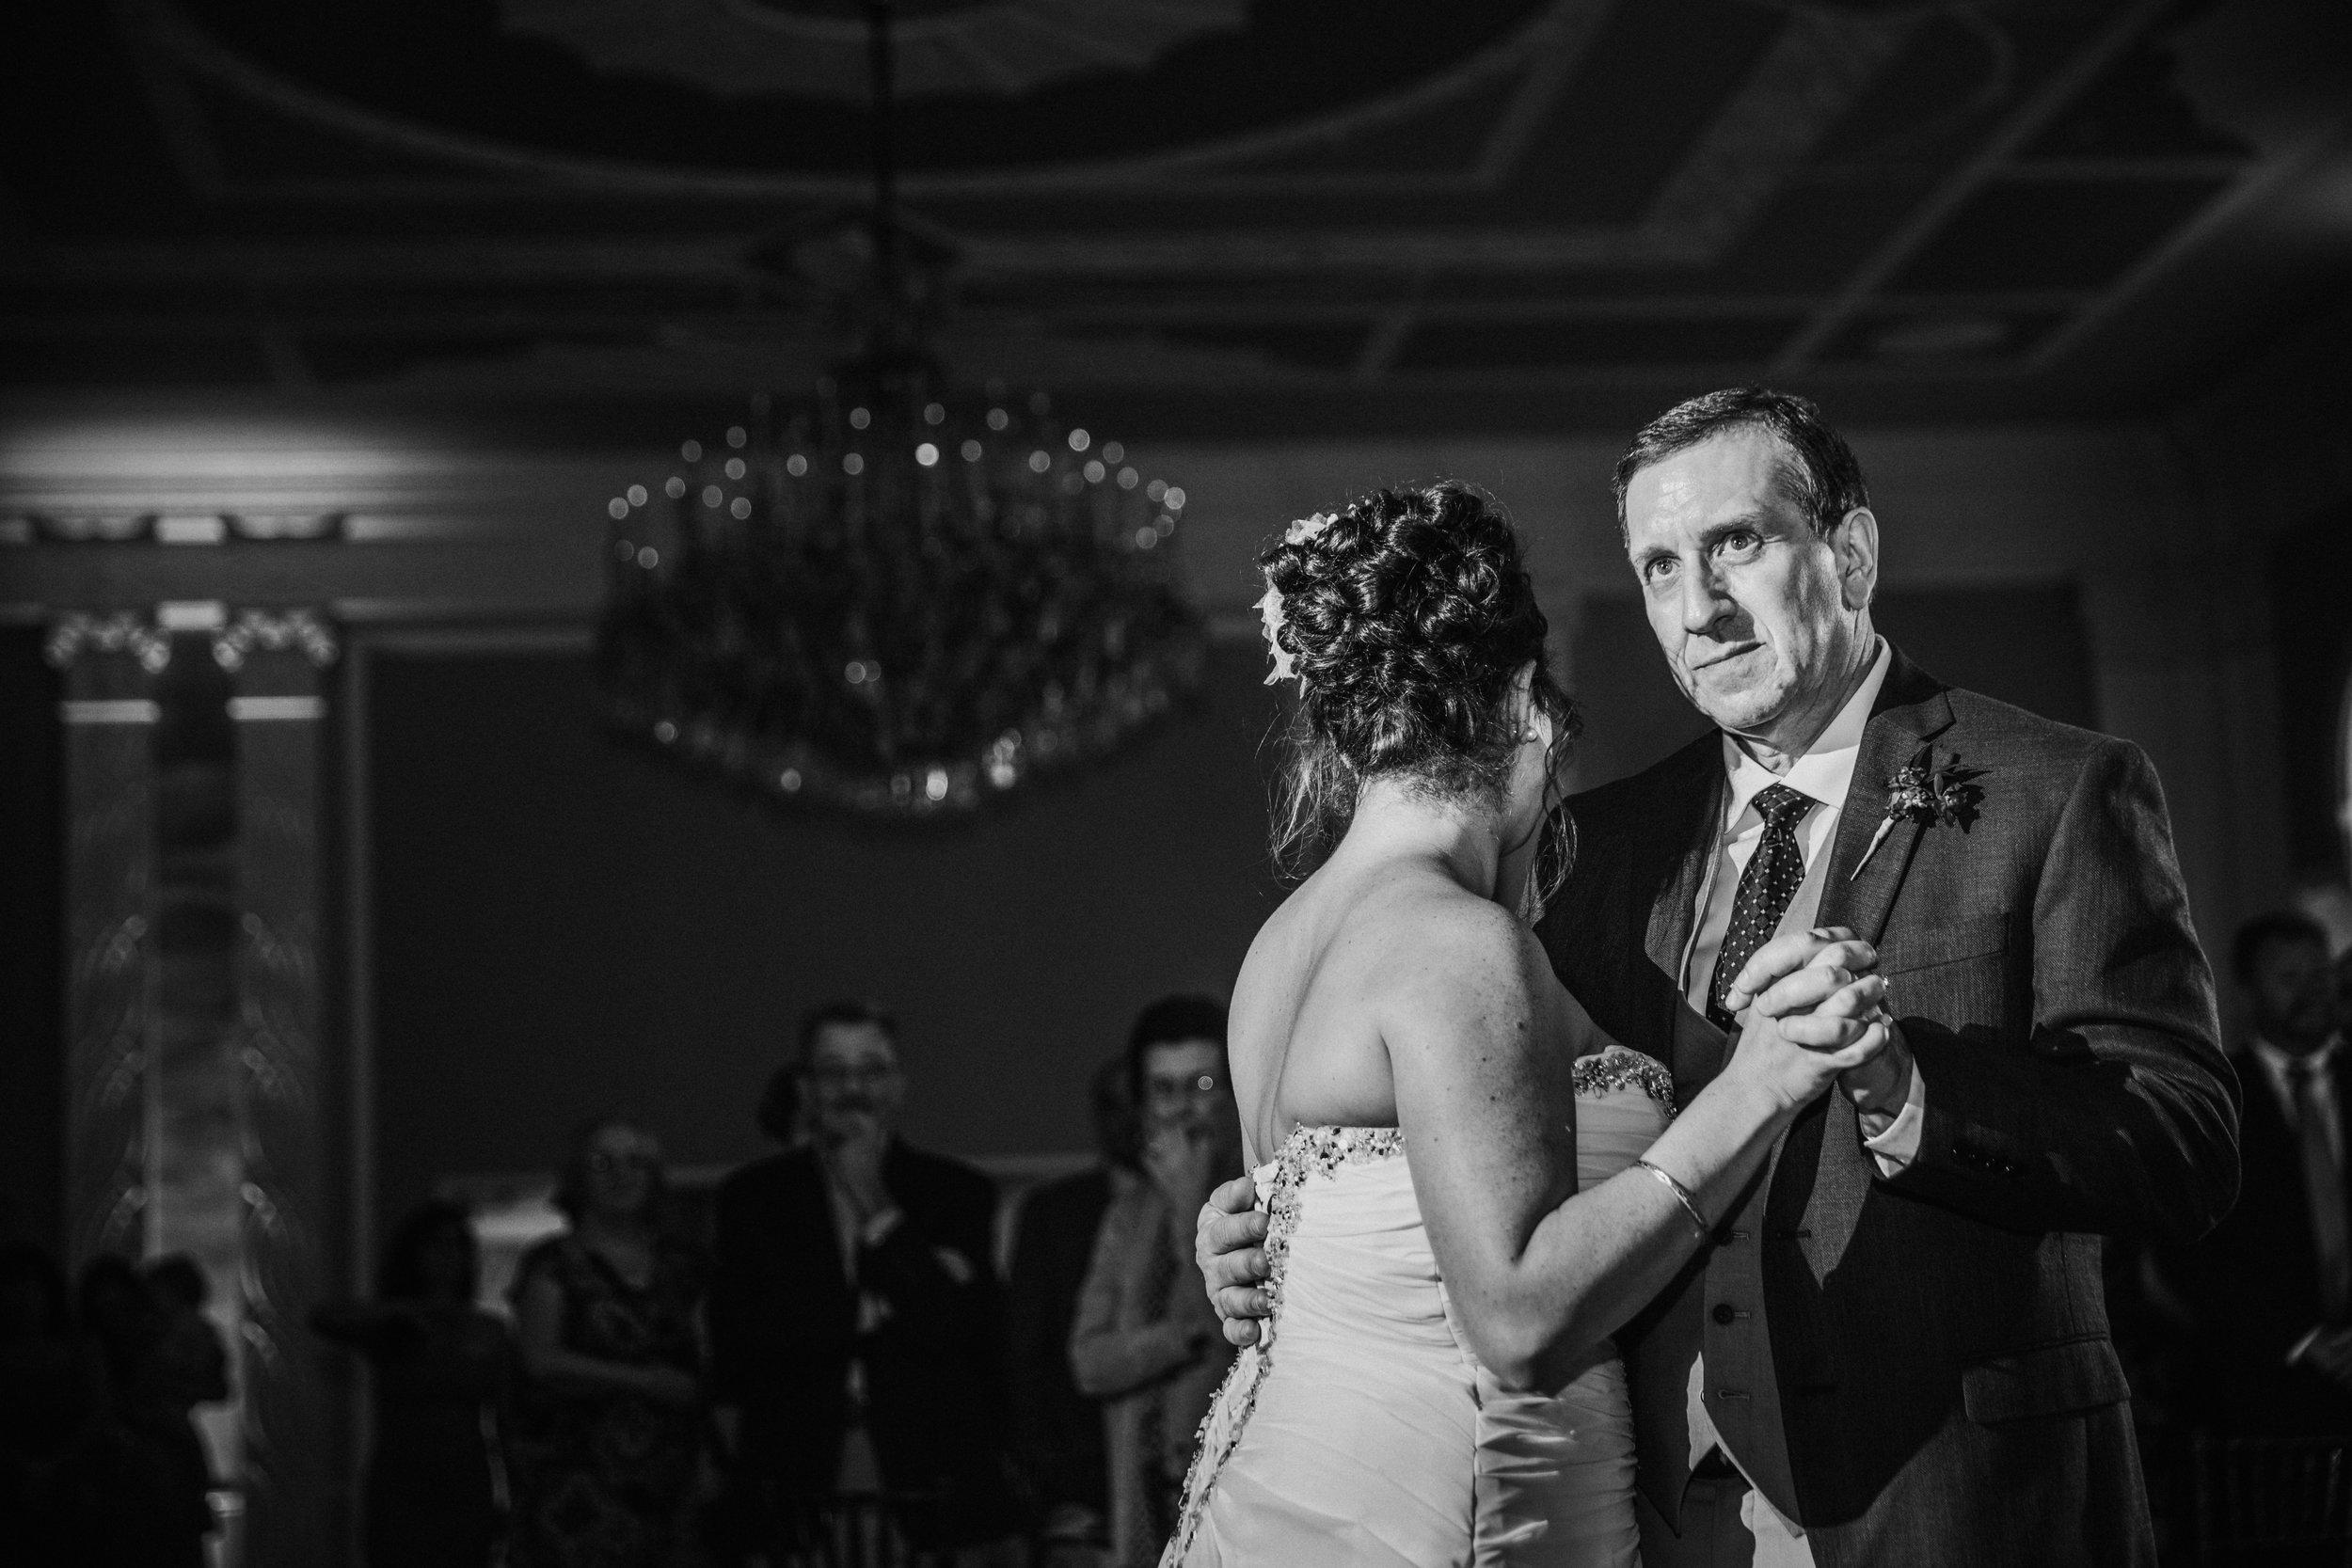 JennaLynnPhotography-NJWeddingPhotographer-Wedding-TheBerkeley-AsburyPark-Allison&Michael-ReceptionBW-35.jpg